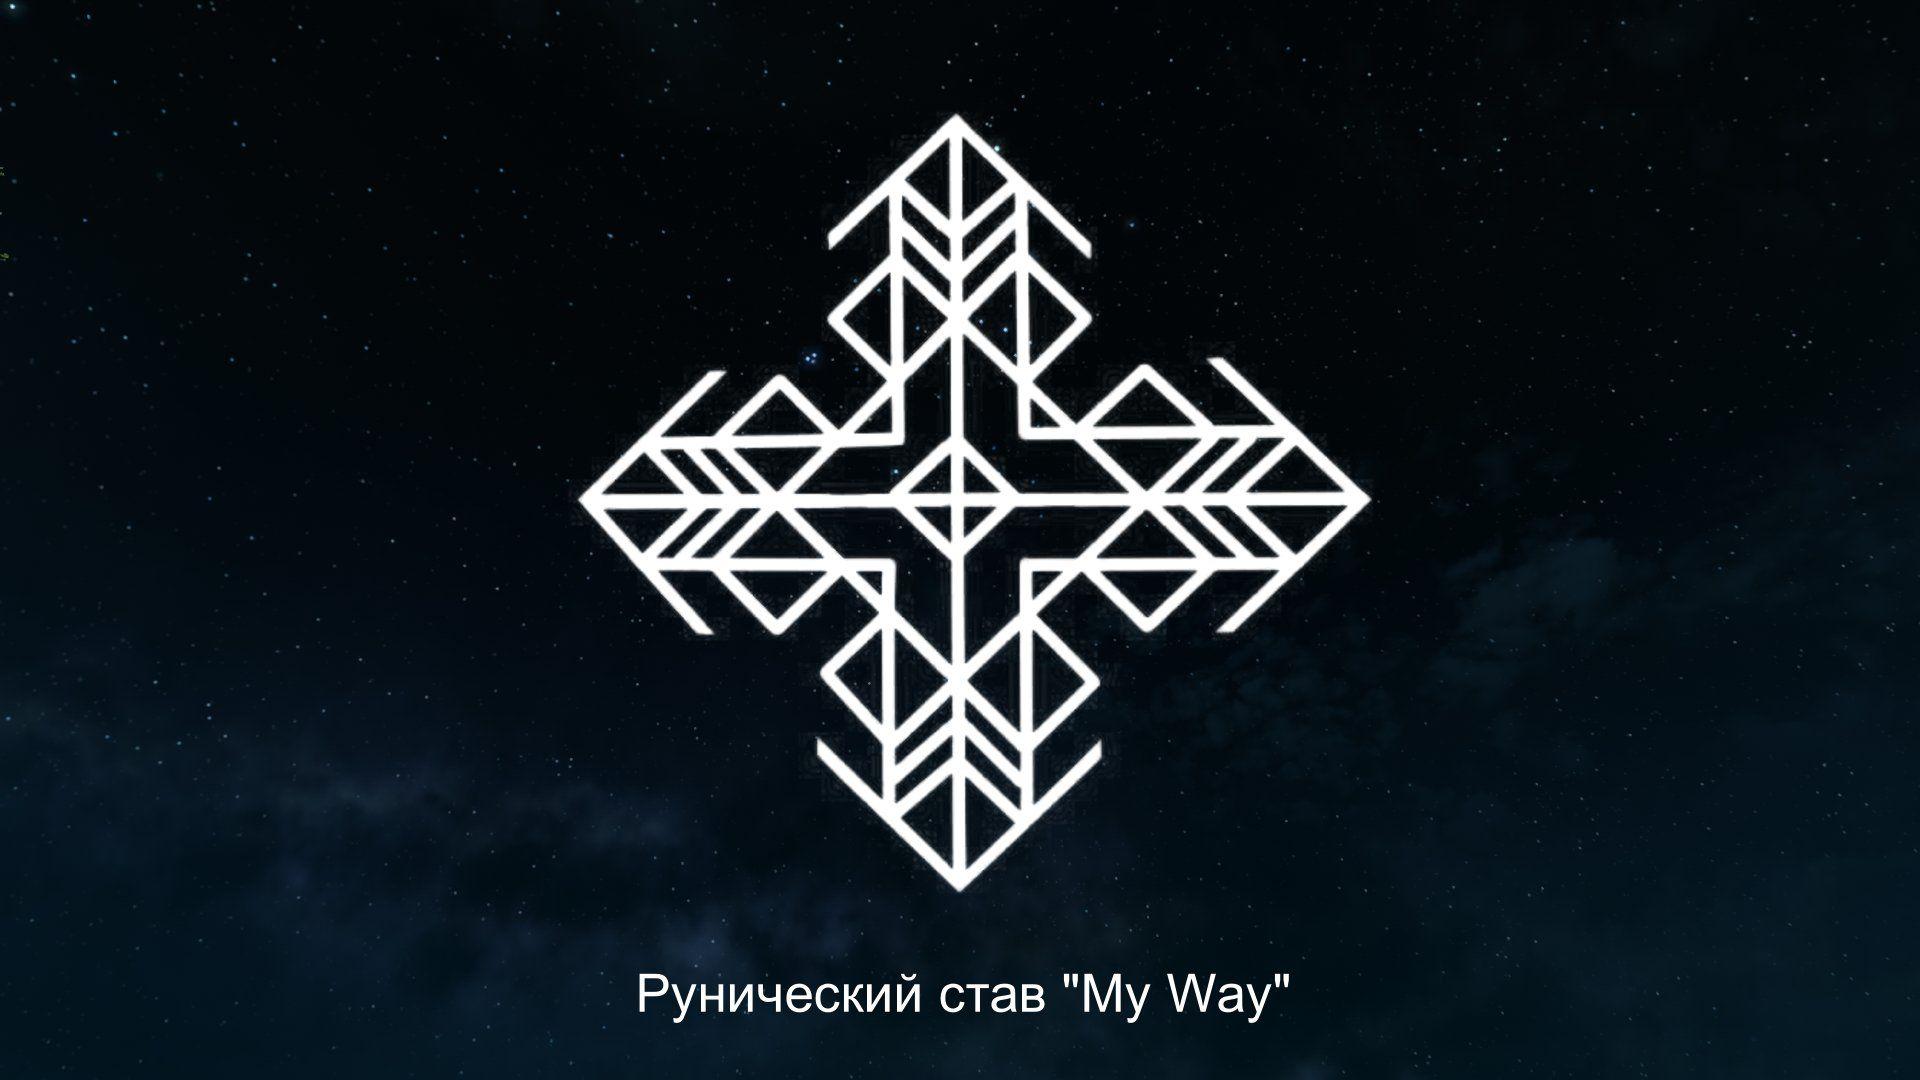 Рунический став My Way